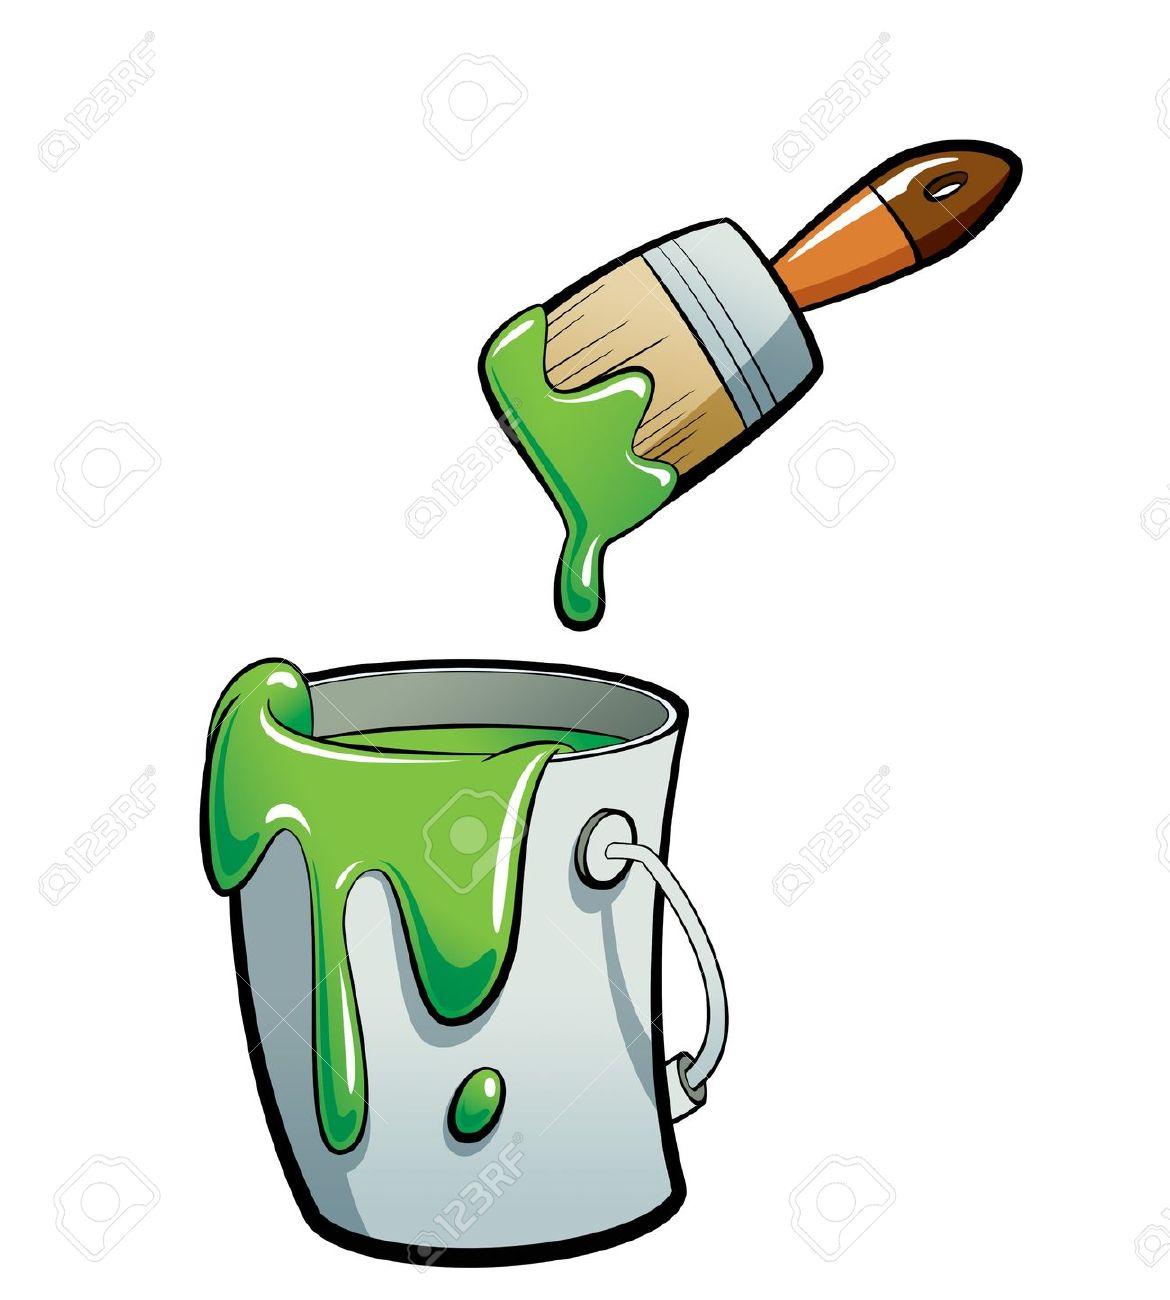 Cartoon Grünen Farbe Malen In Einem Grauen Farbeimer Malen Mit